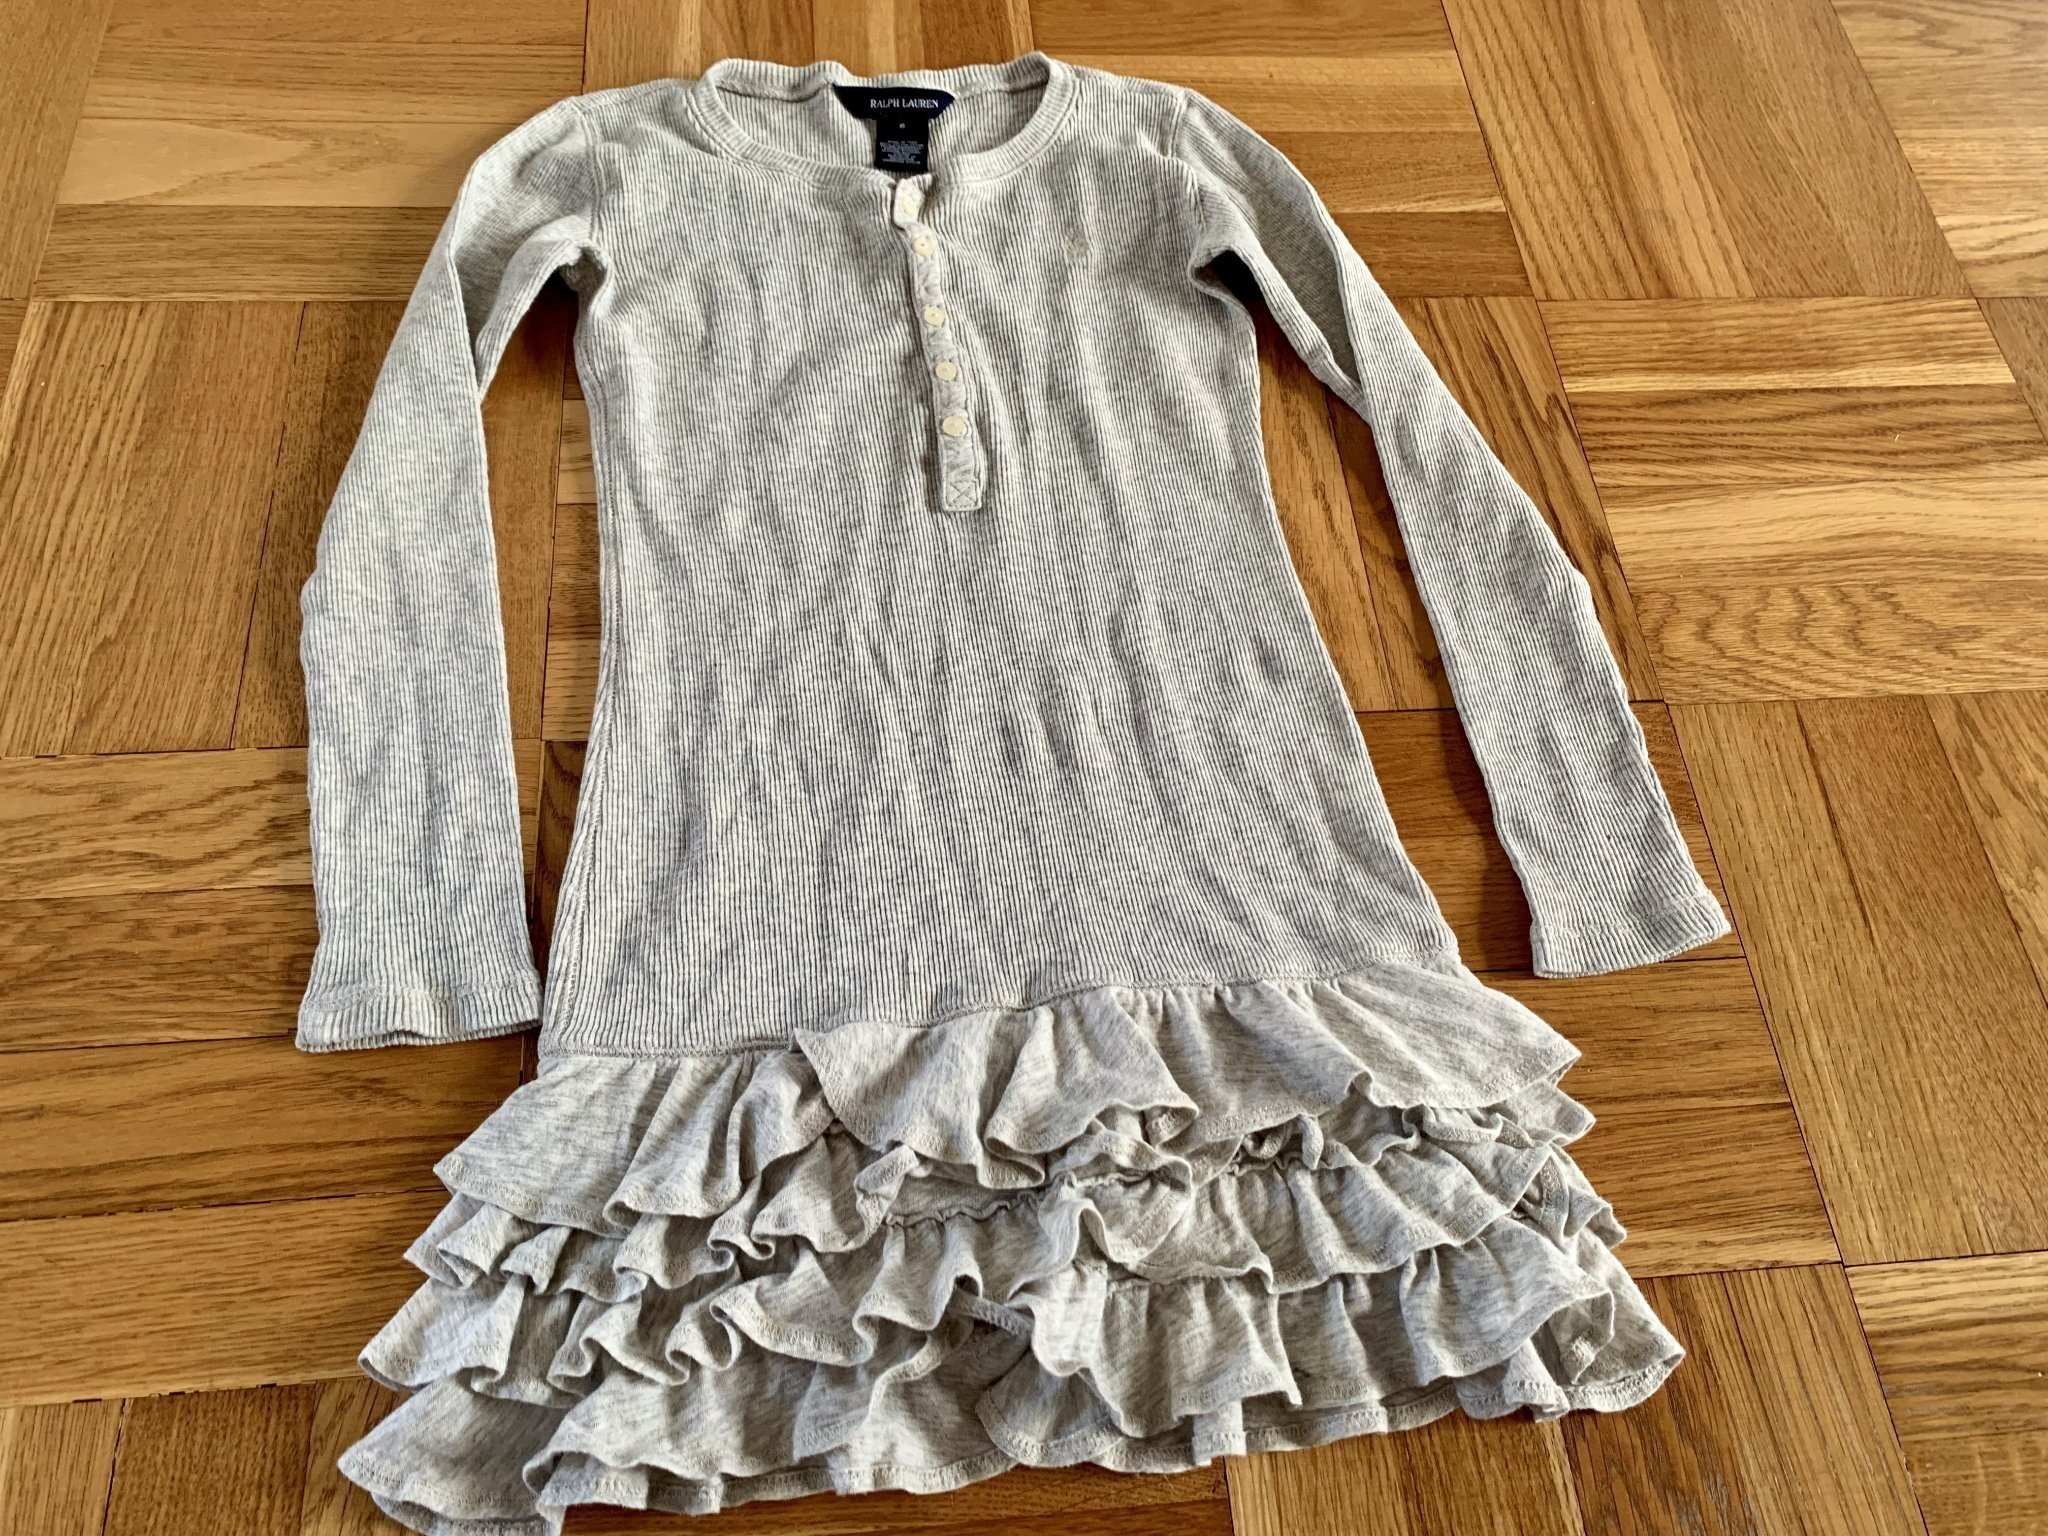 db1d4ce524fe Palph Lauren klänning grå trikå 116 / 122 bomull tunika långärmad sommar ...